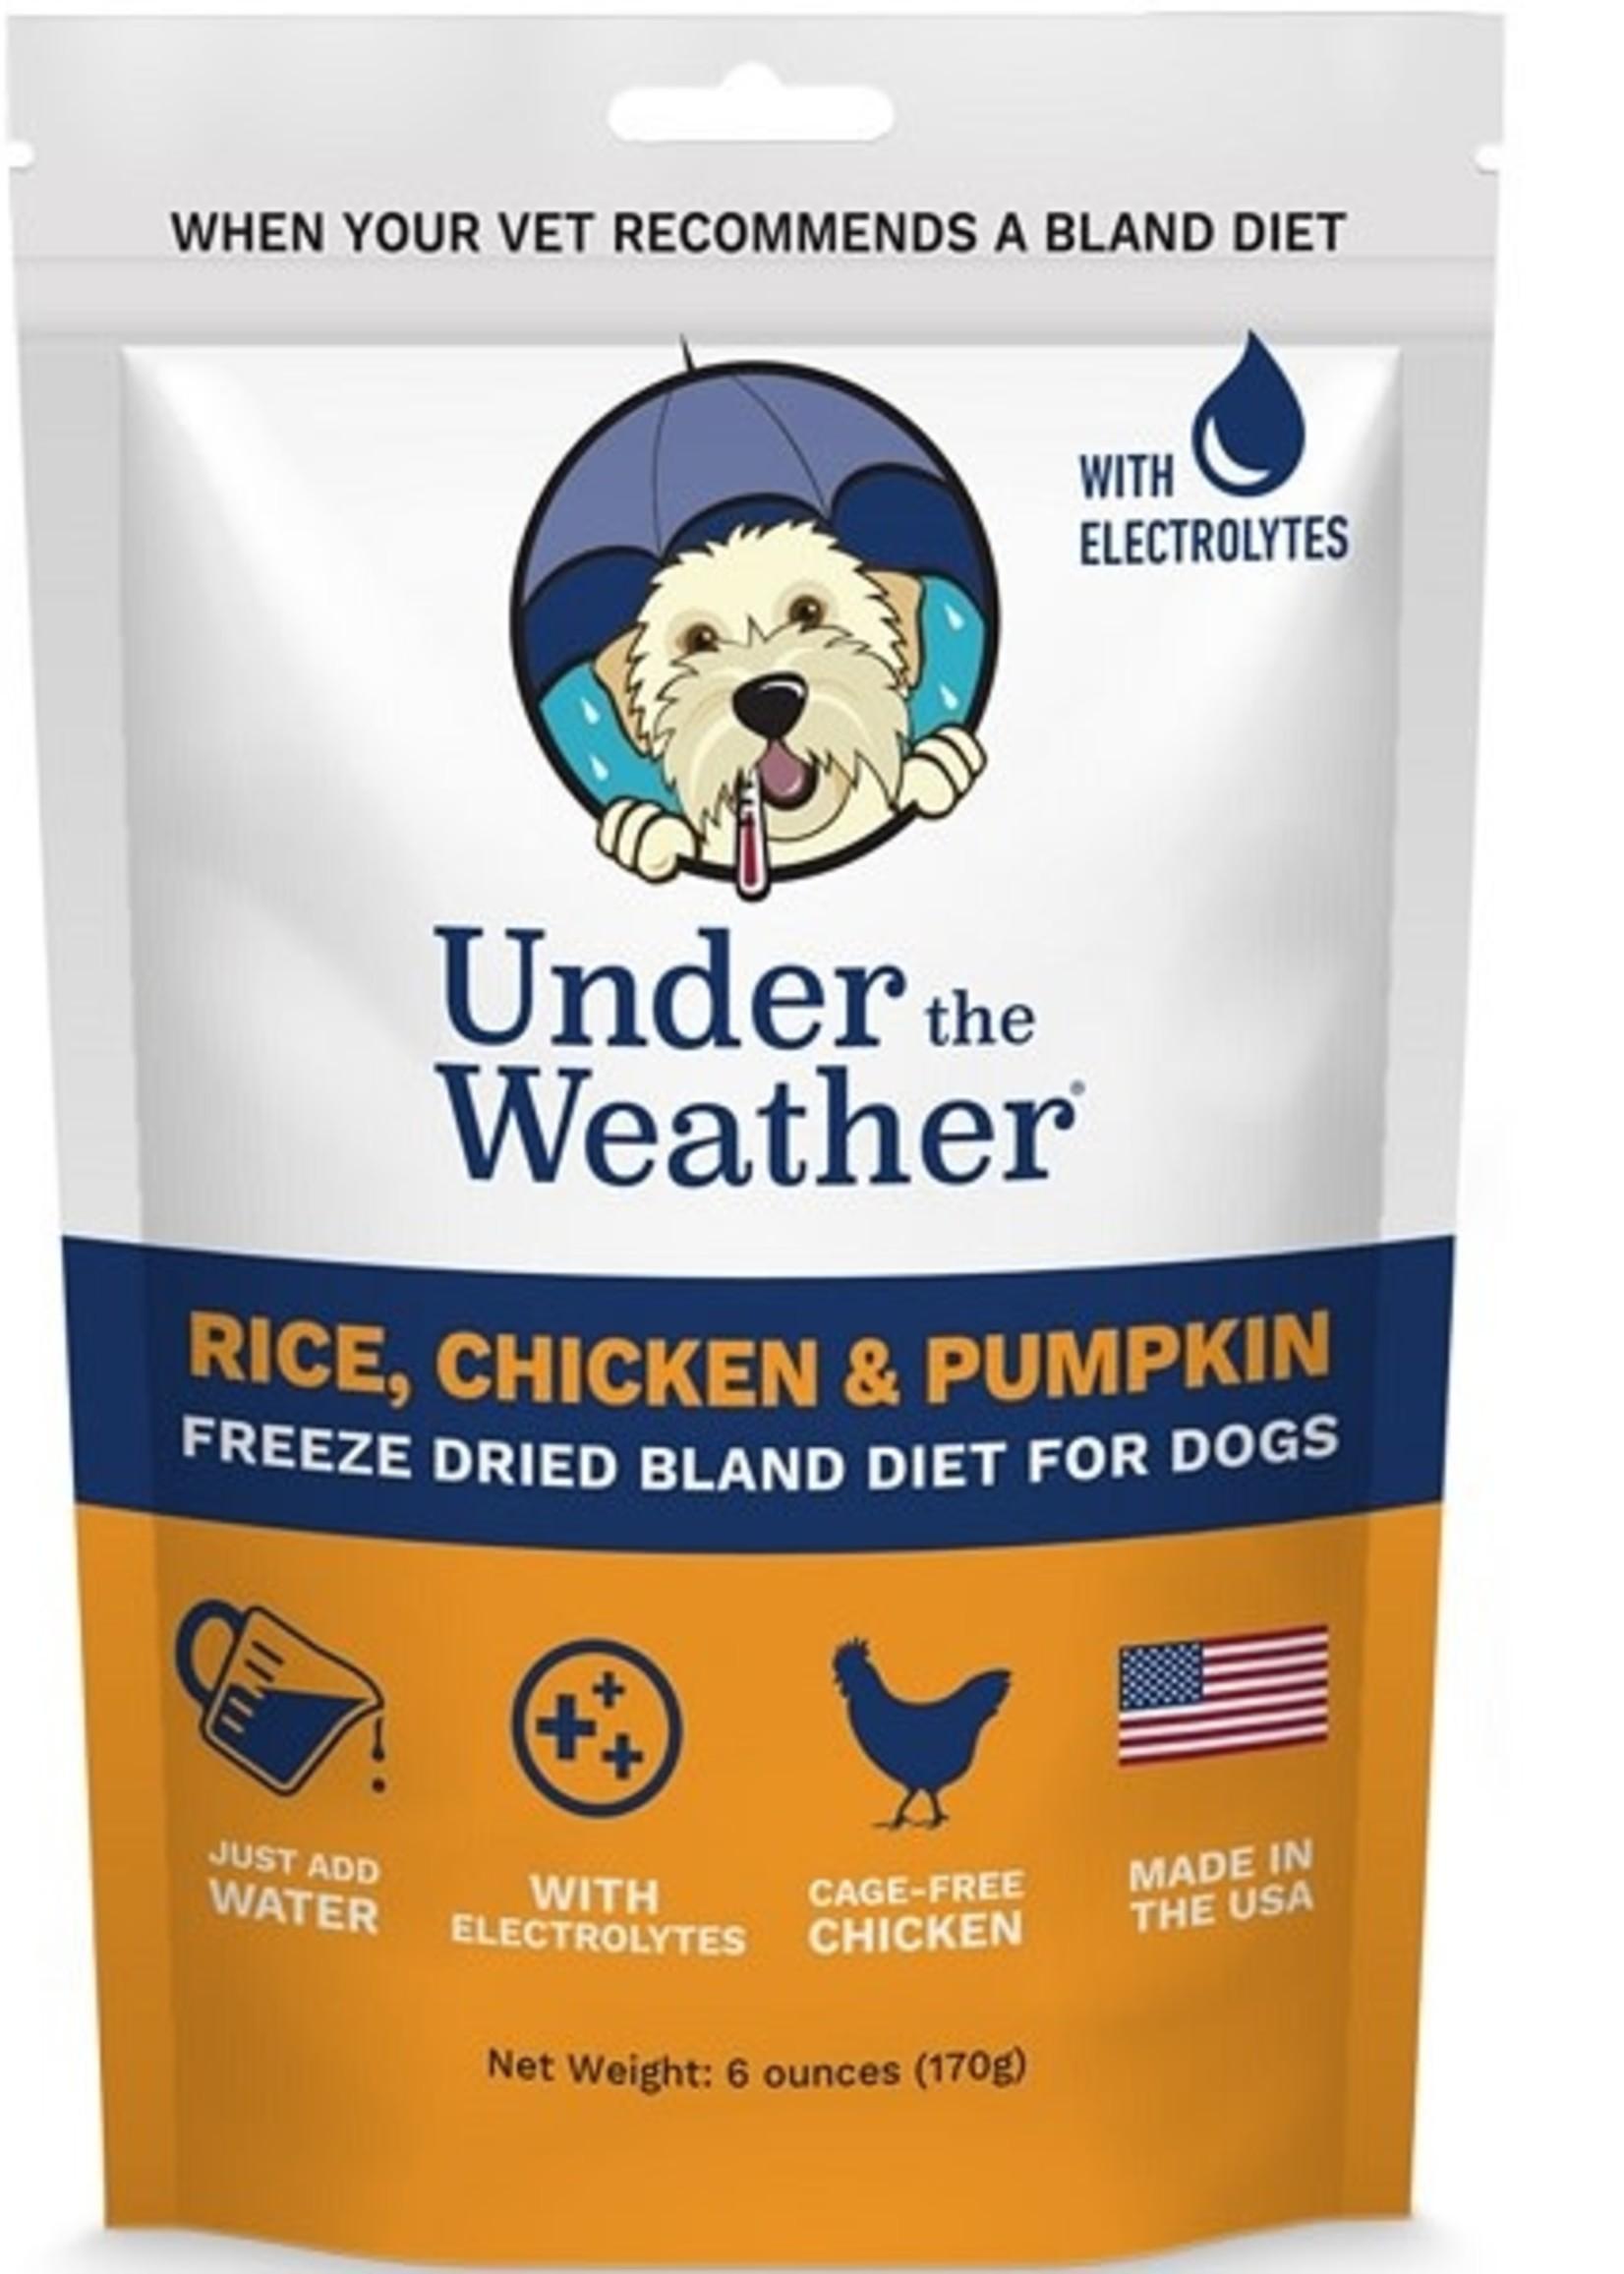 UTW Bland Diets Chicken & Rice/Pumpkin w/Electrolytes - 6oz